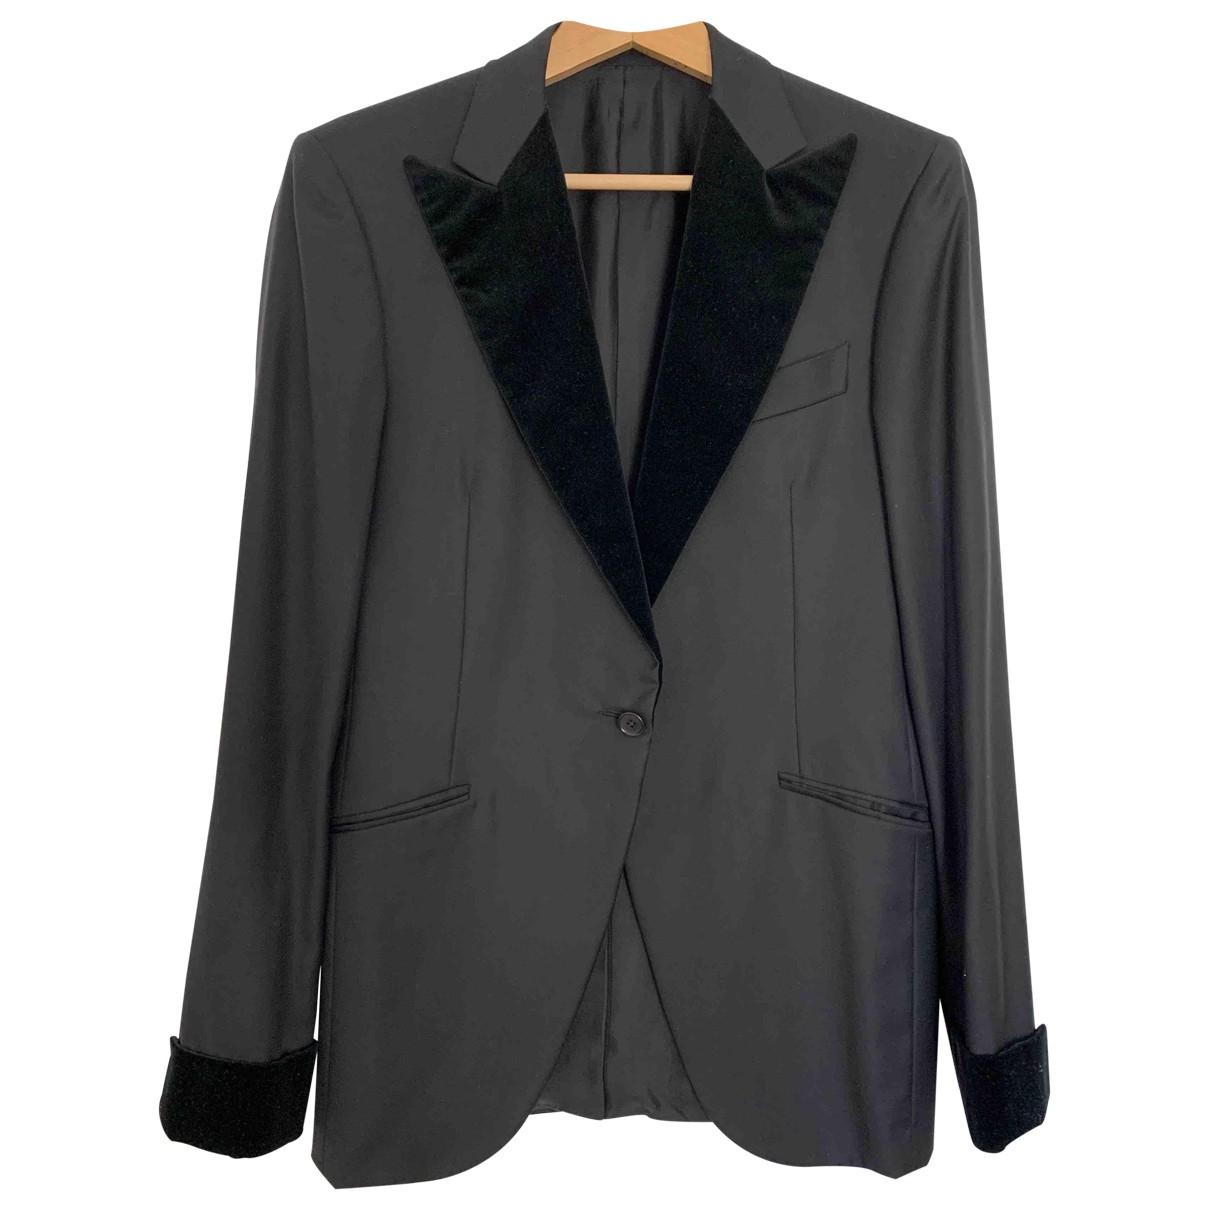 Bottega Veneta - Costumes   pour homme en laine - noir